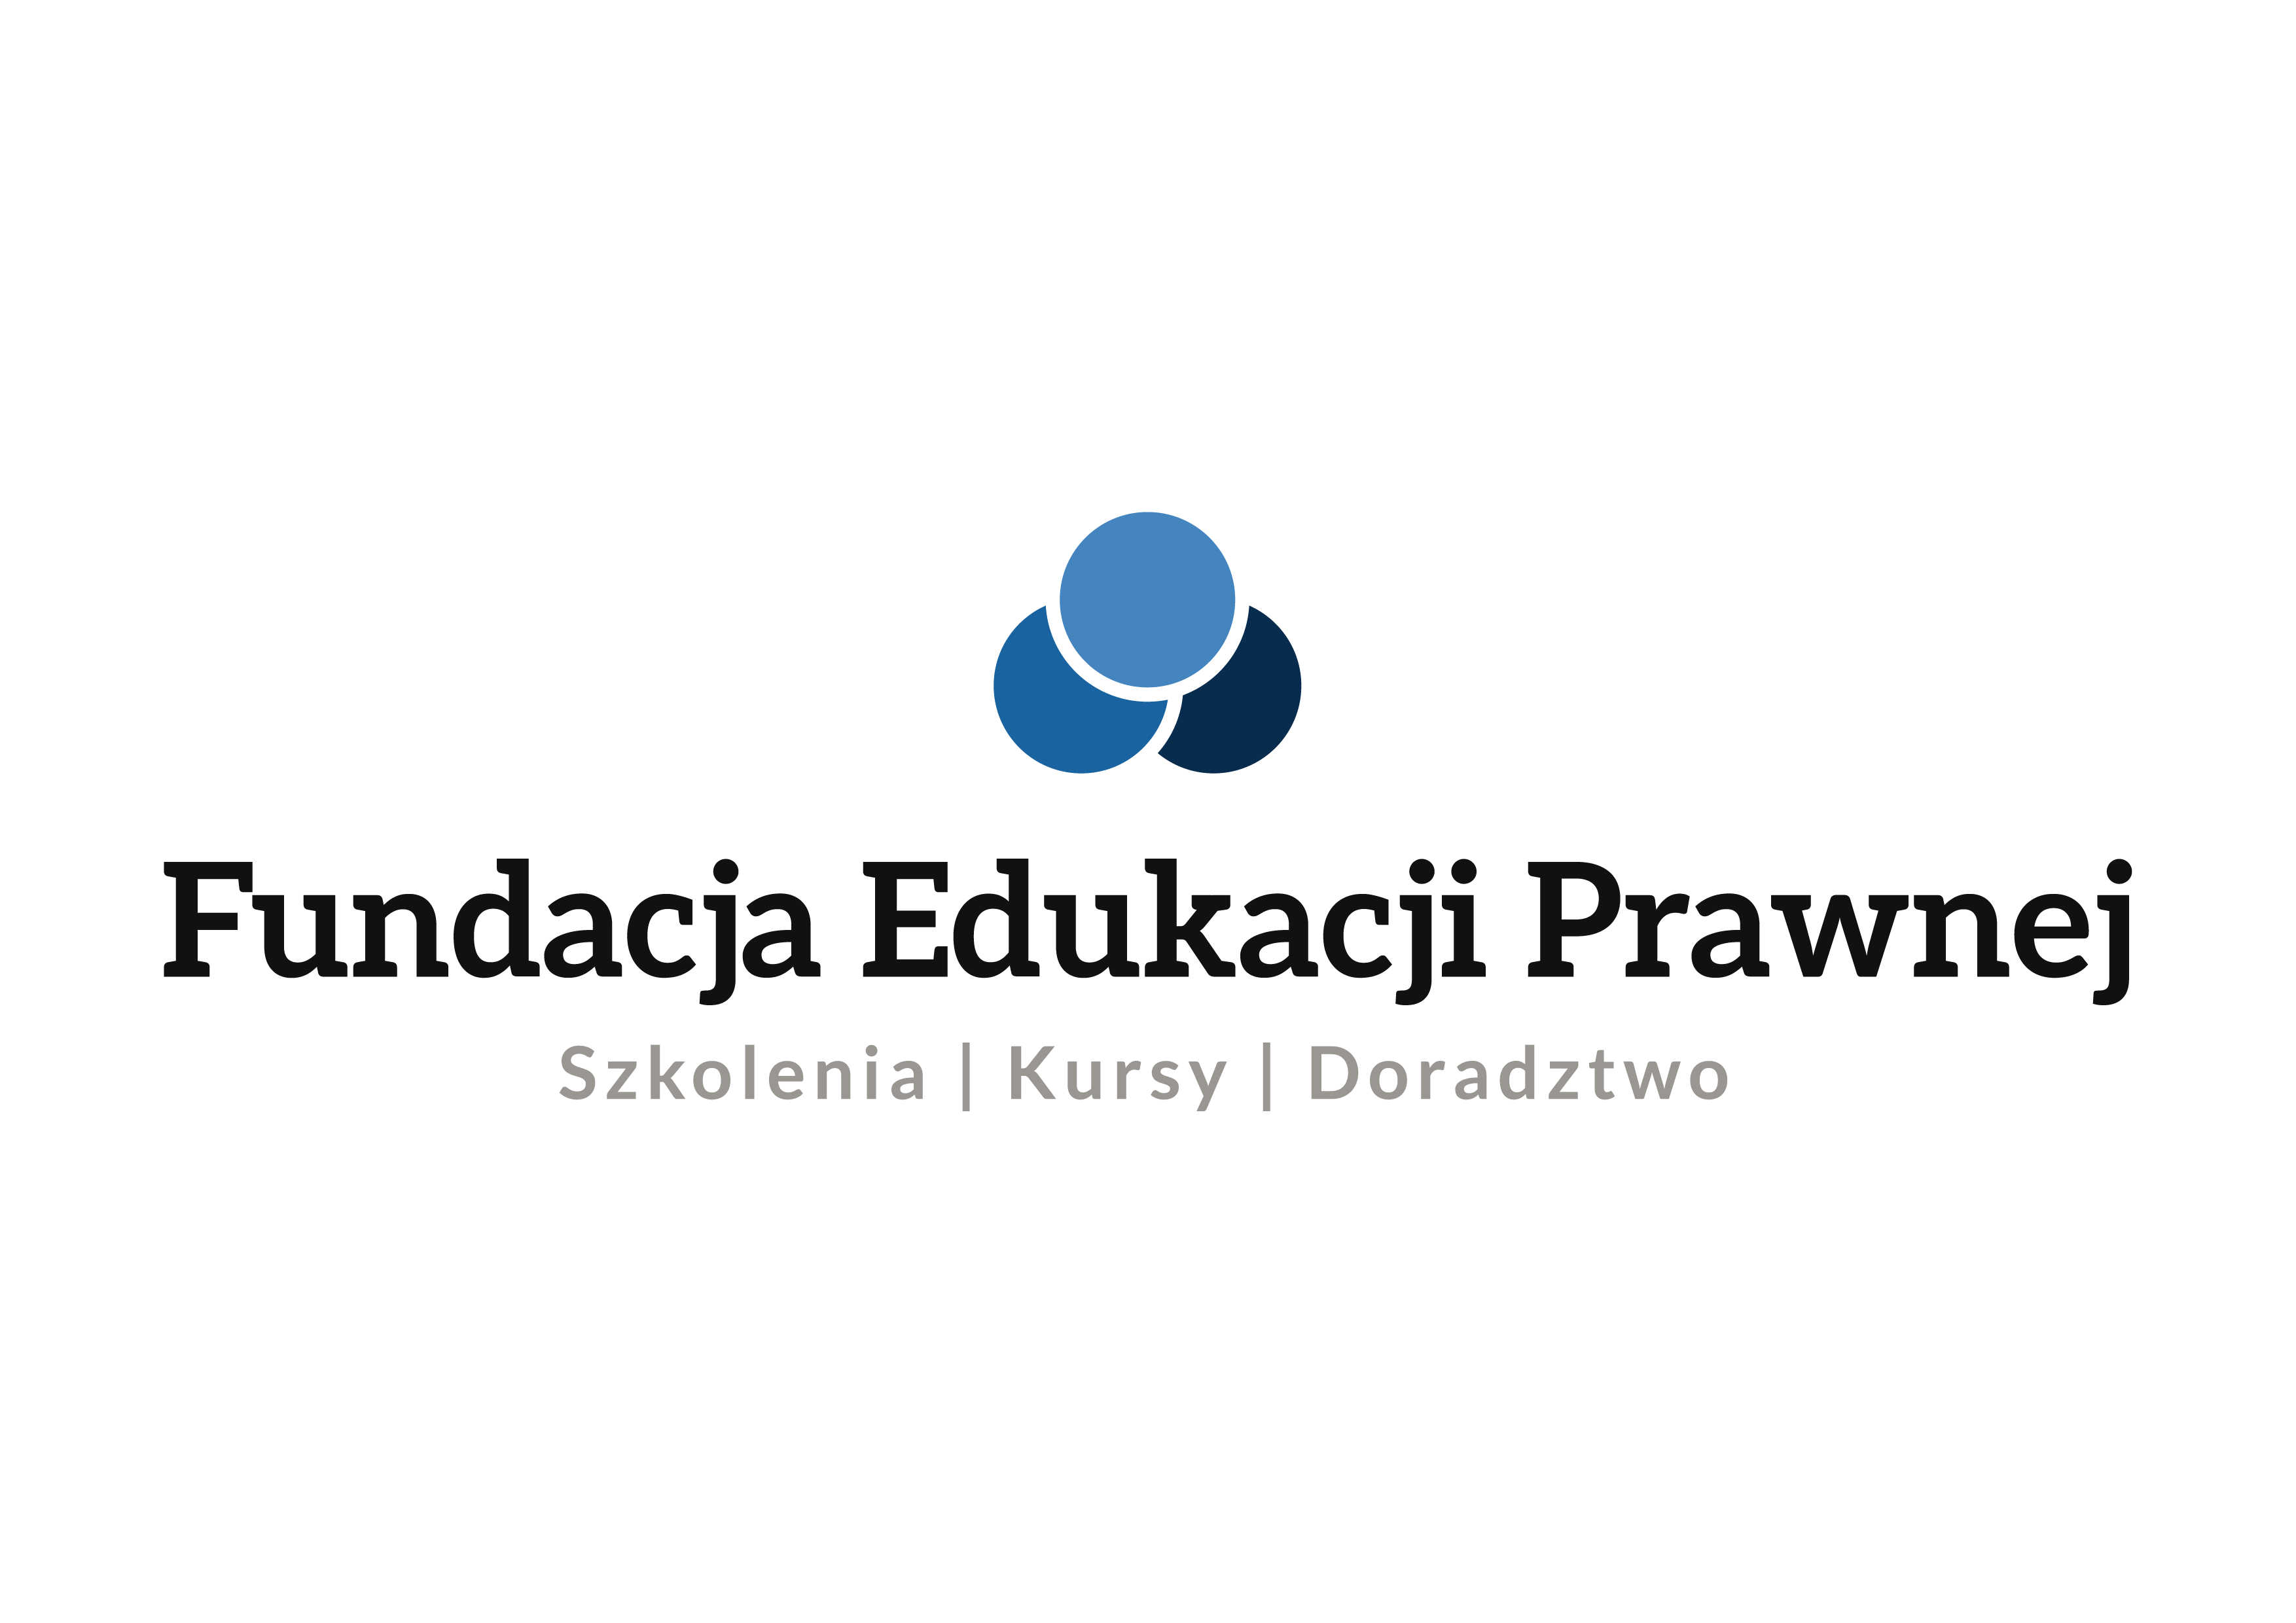 Logo Fundacja Edukacji Prawnej